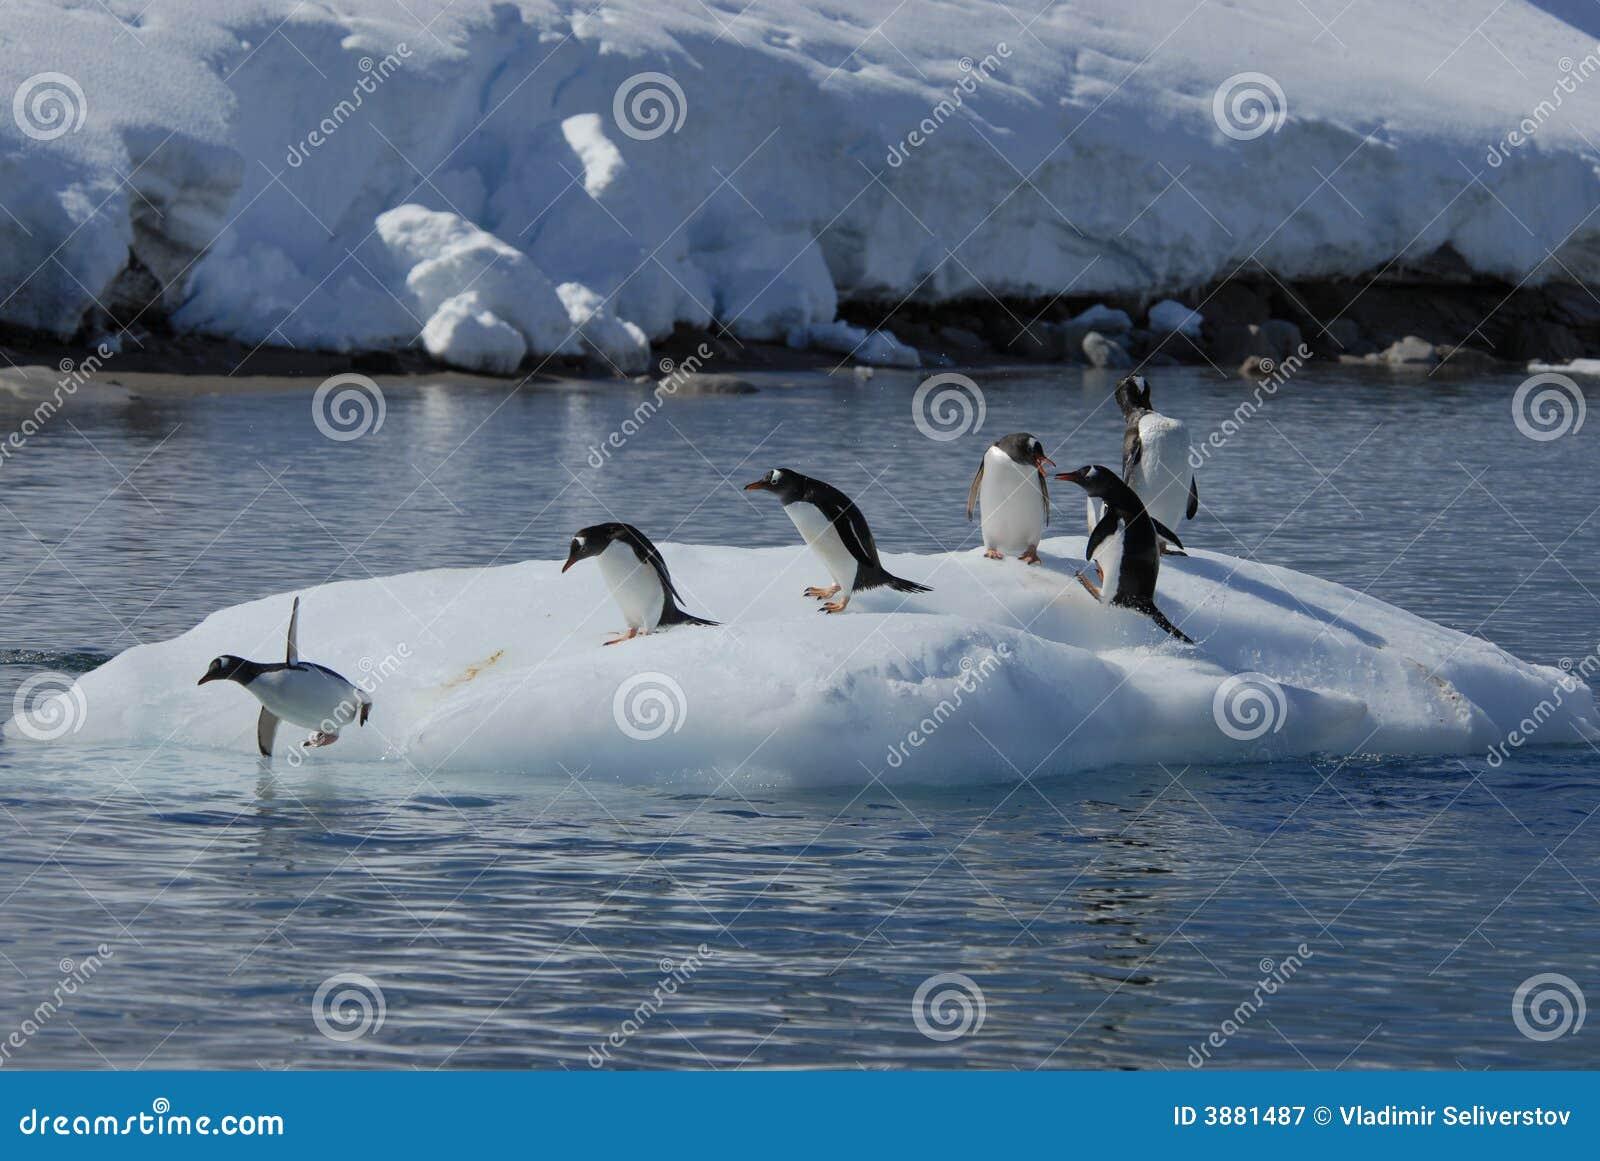 Pinguins de Gentoo